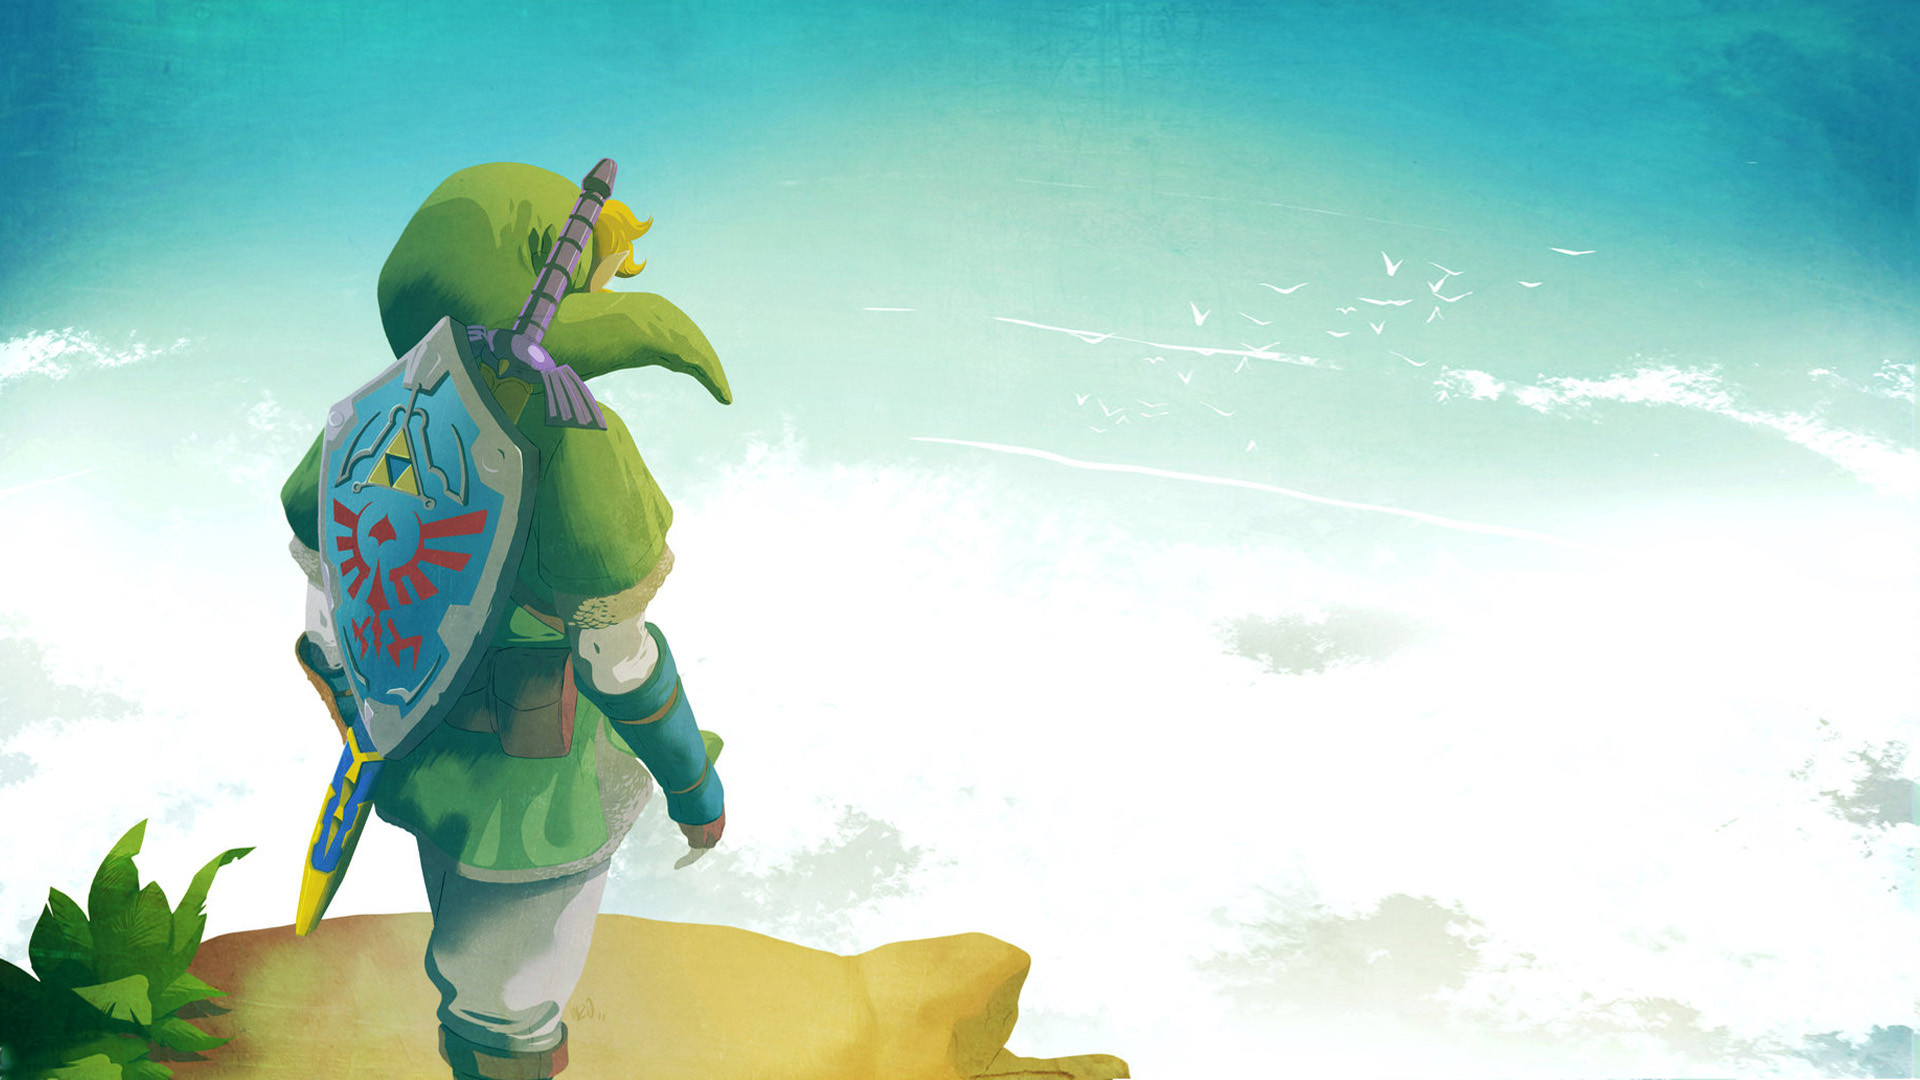 Legend of Zelda Wallpapers Part 1 - Album on Imgur